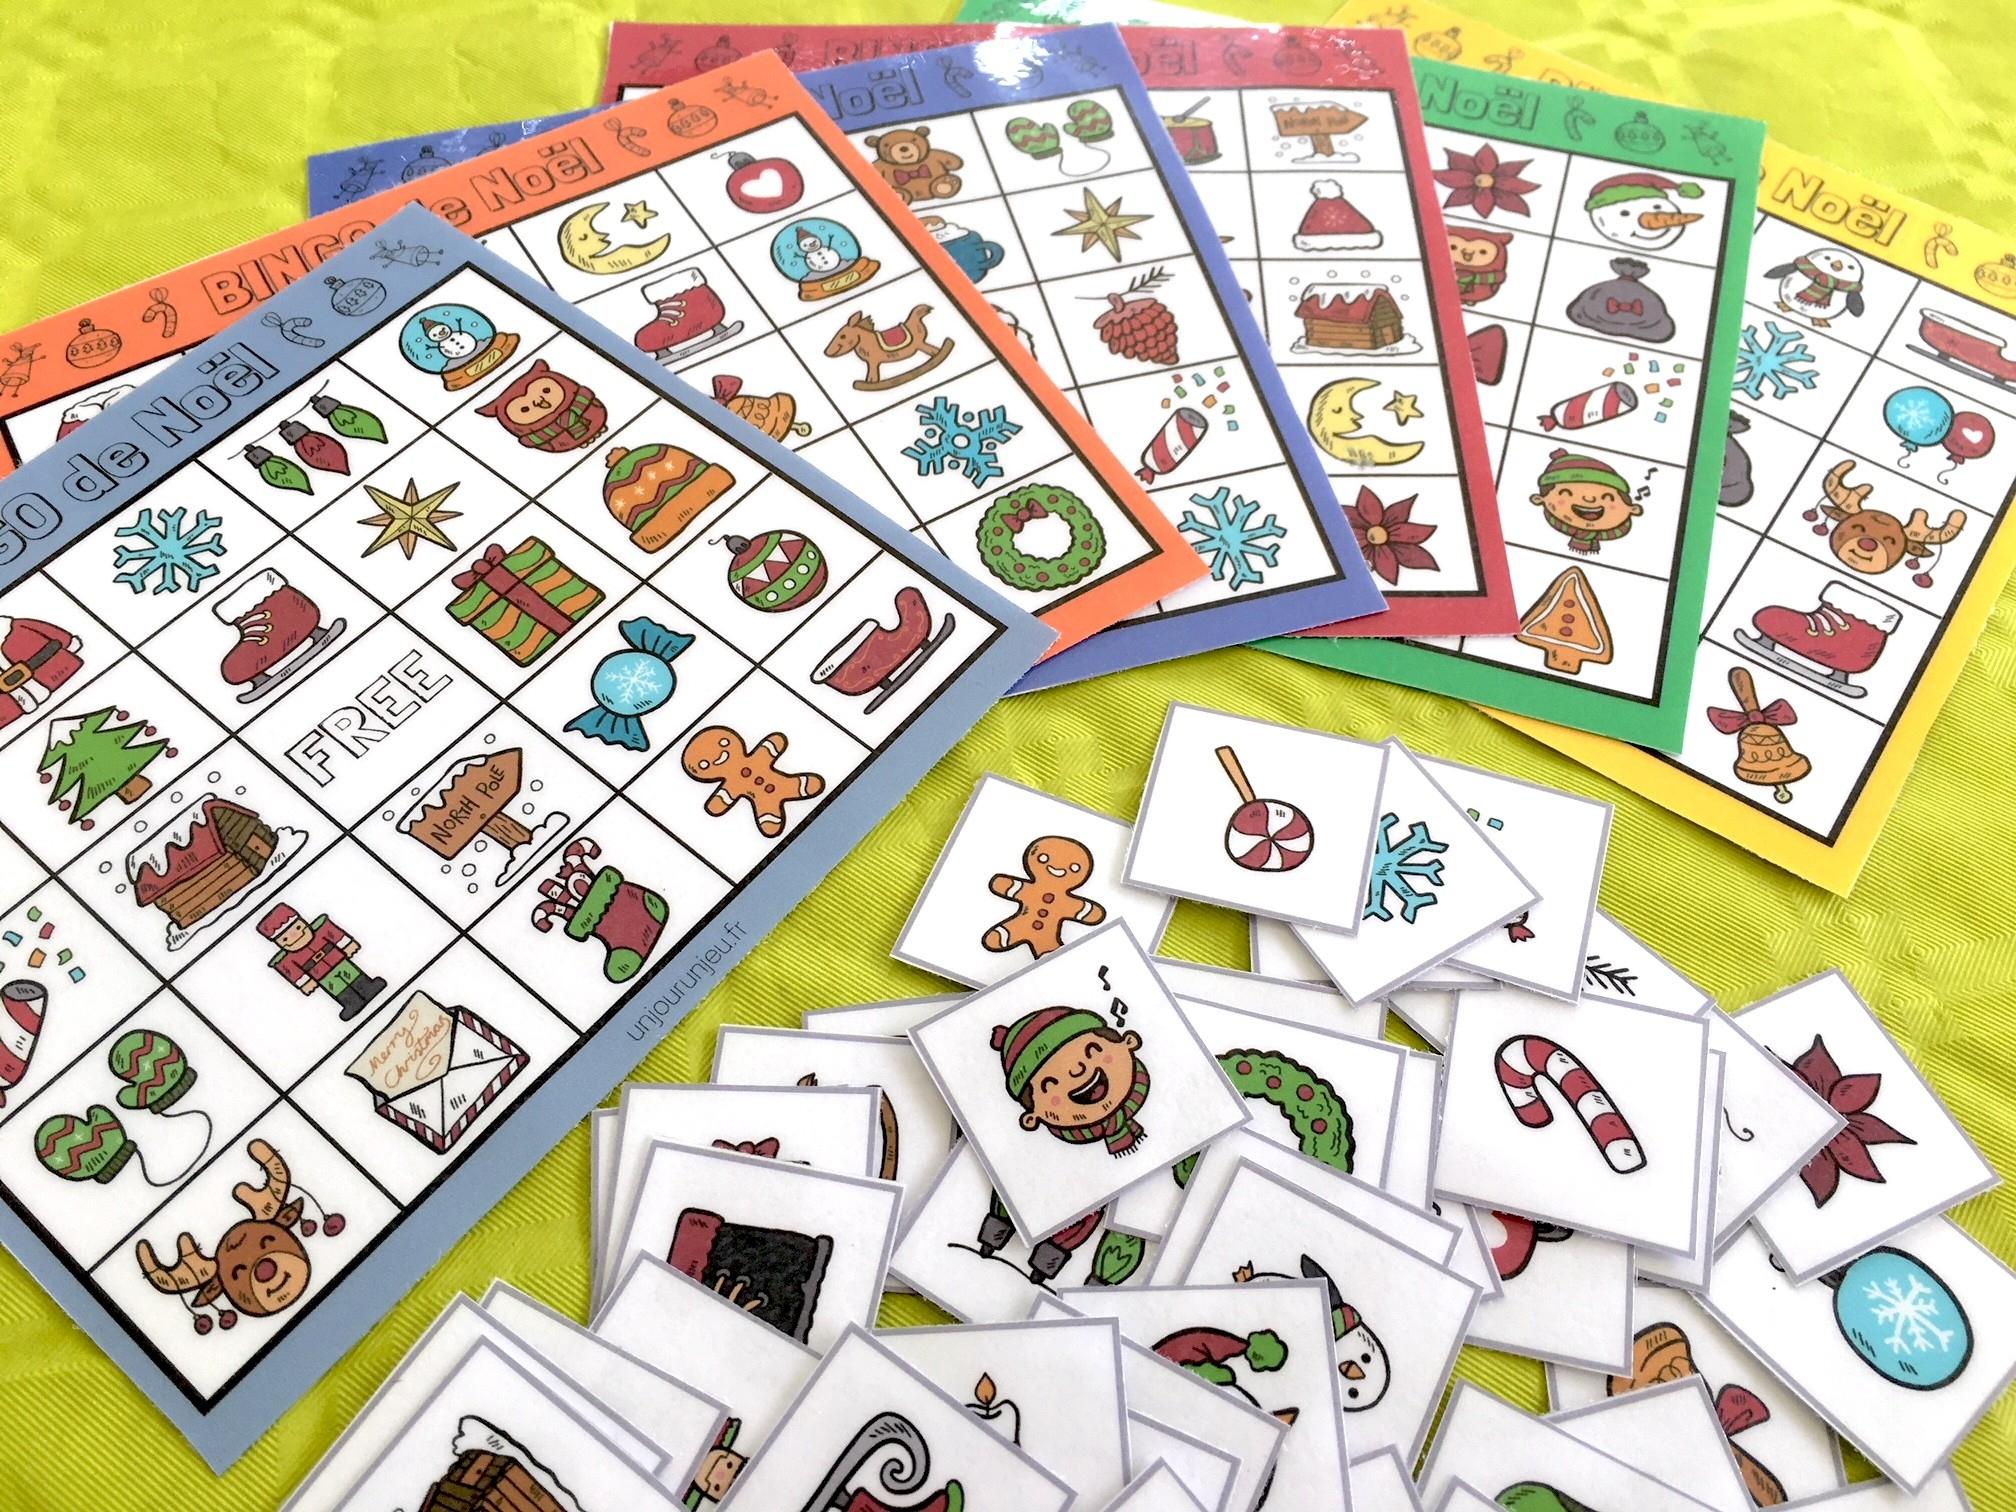 Jeu De Noël : Bingo À Télécharger Gratuitement Pour Vos Enfants concernant Jeux Enfant 4 Ans Gratuit